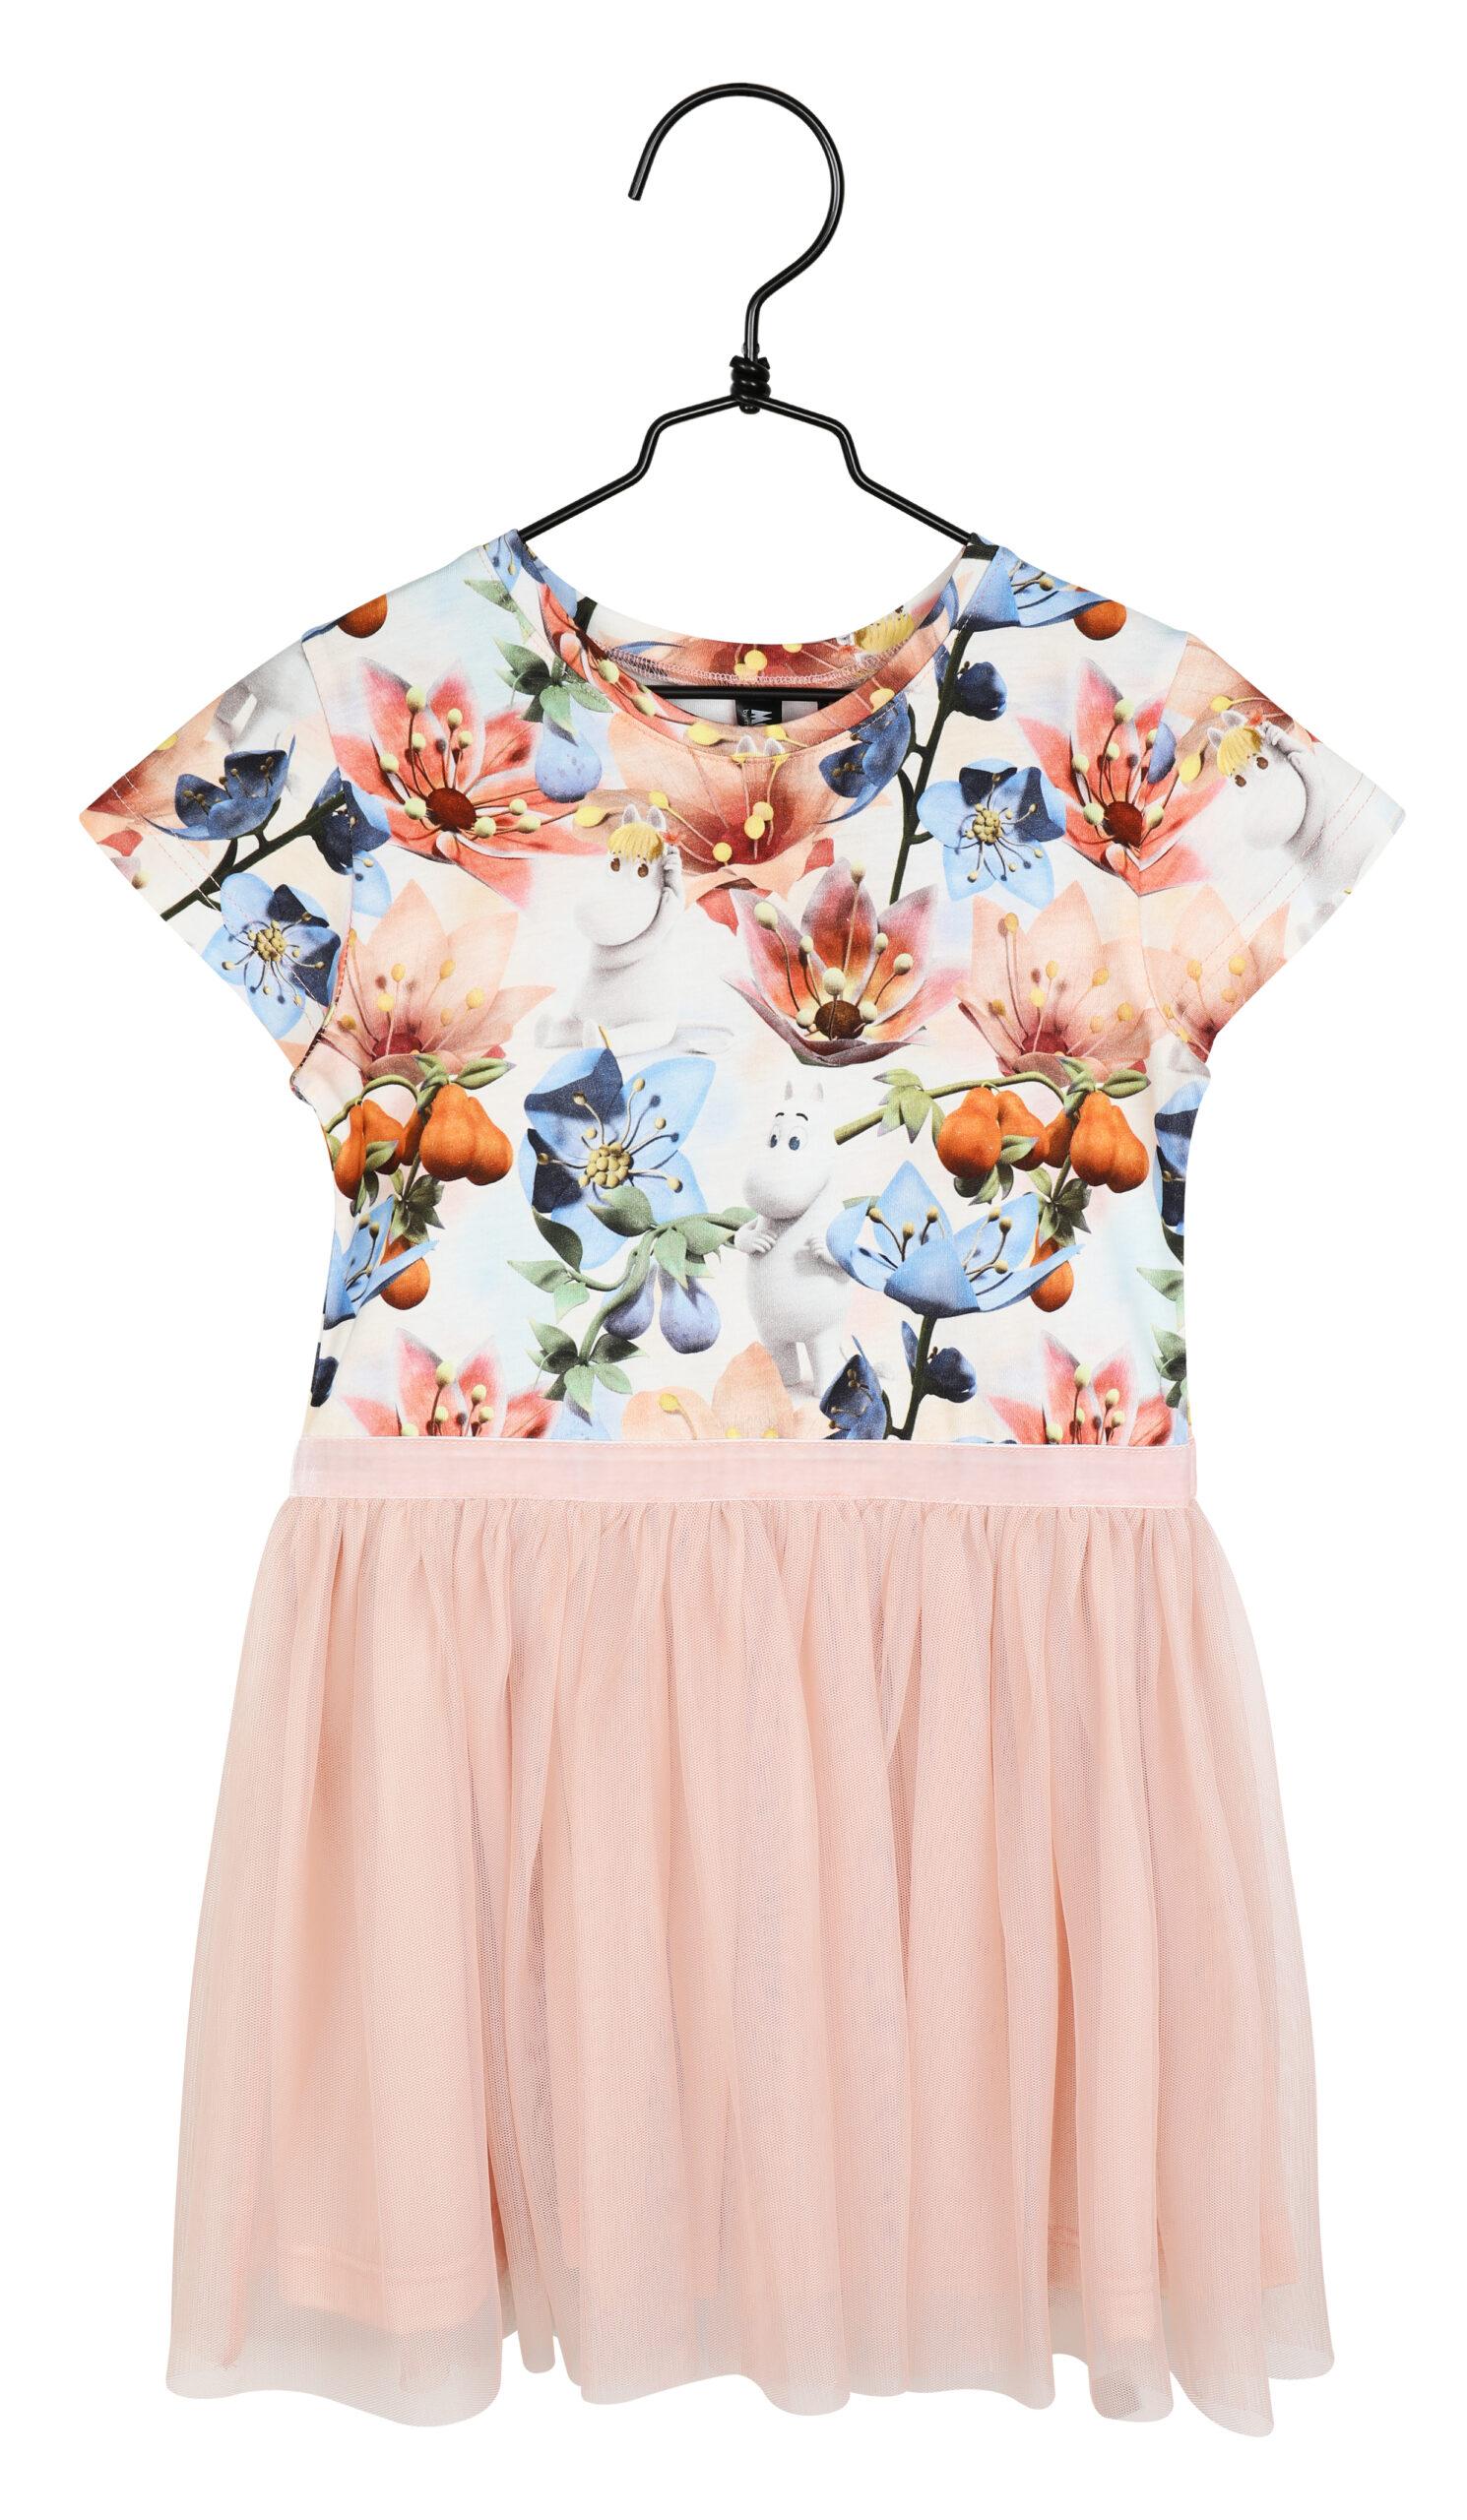 Martinex Moomin Anemone Dress Rose